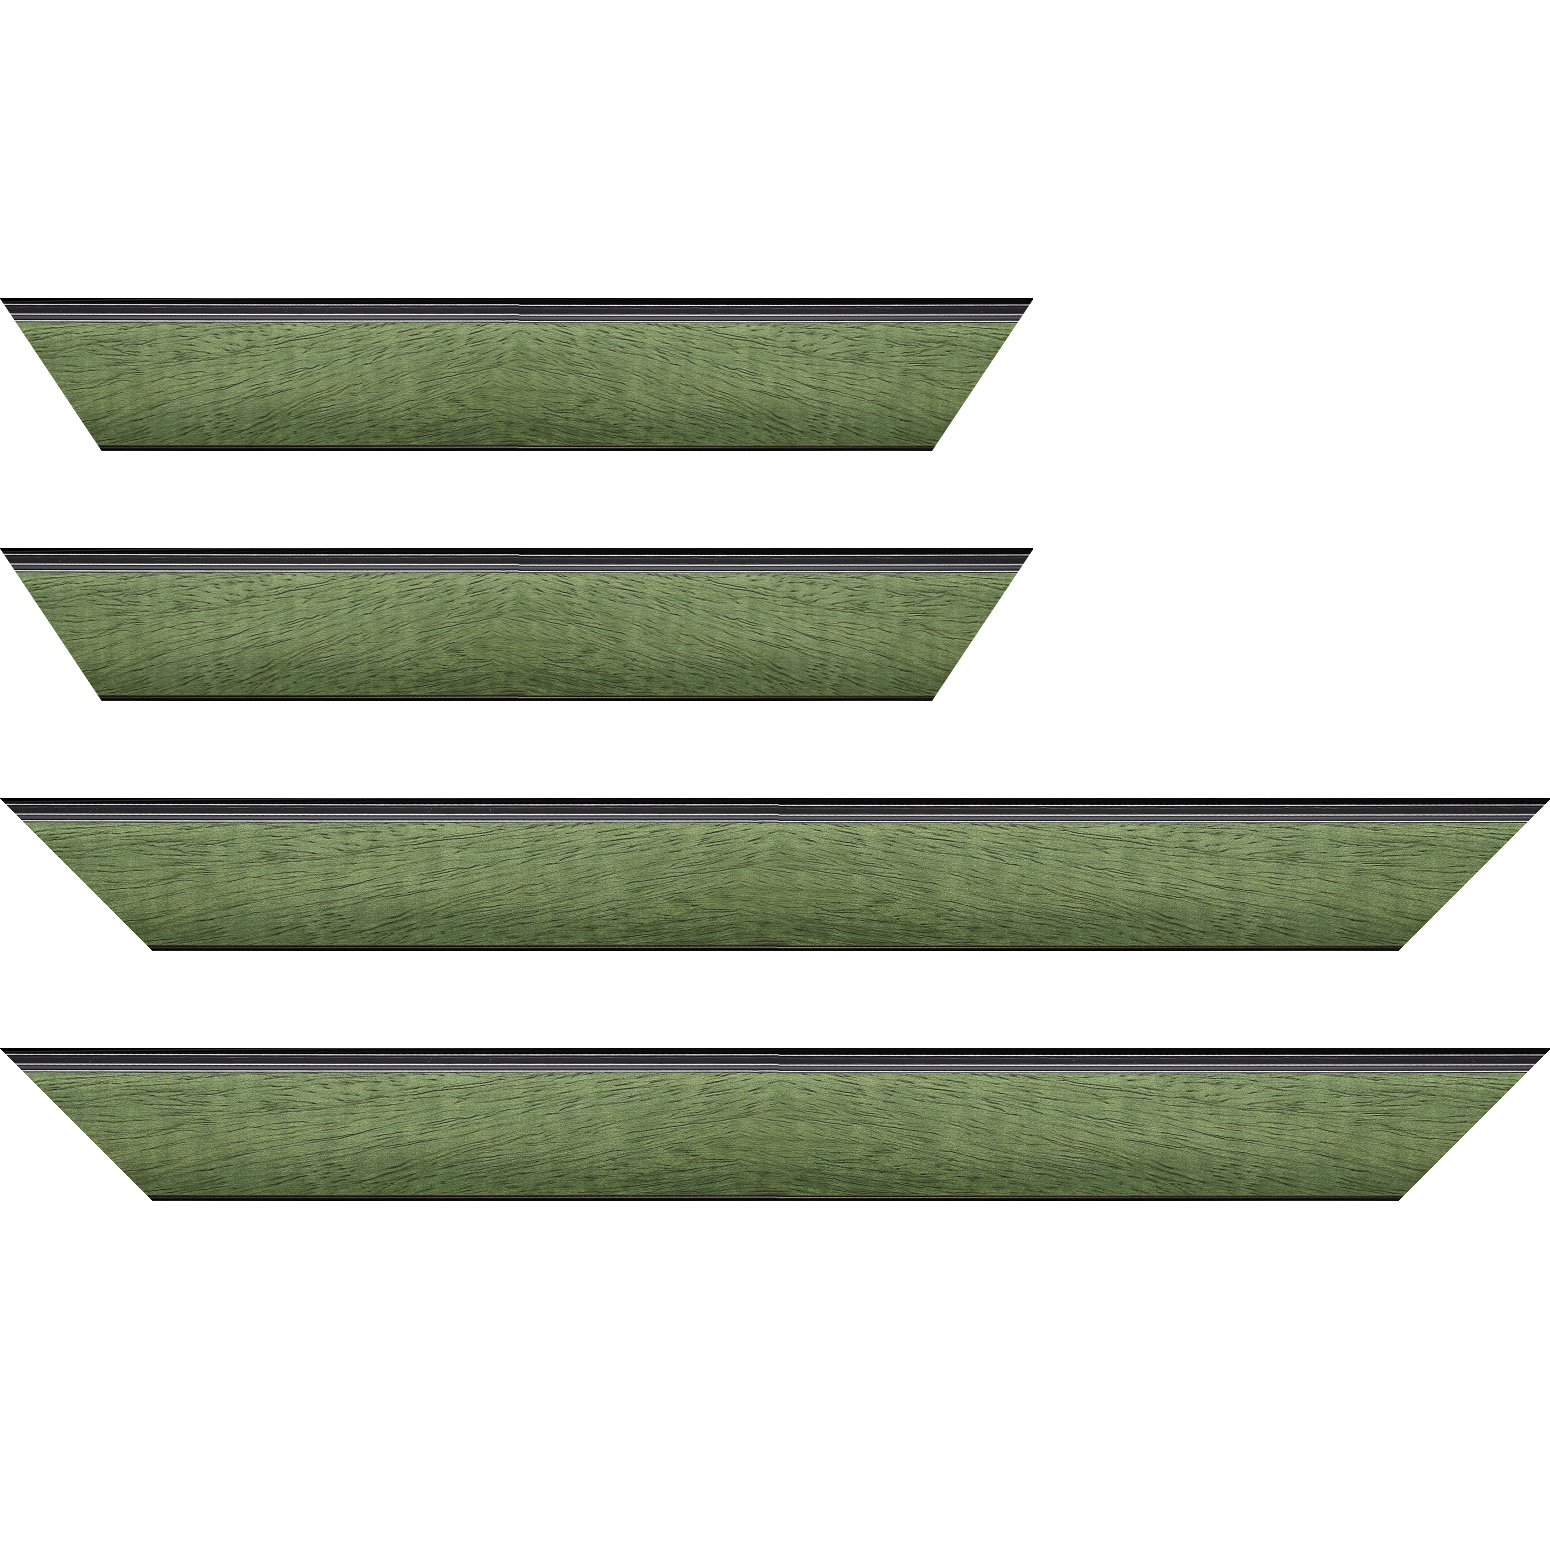 Baguette service précoupé Bois profil incliné en pente largeur 4.8cm couleur vert sapin satiné surligné par une gorge extérieure noire : originalité et élégance assurée